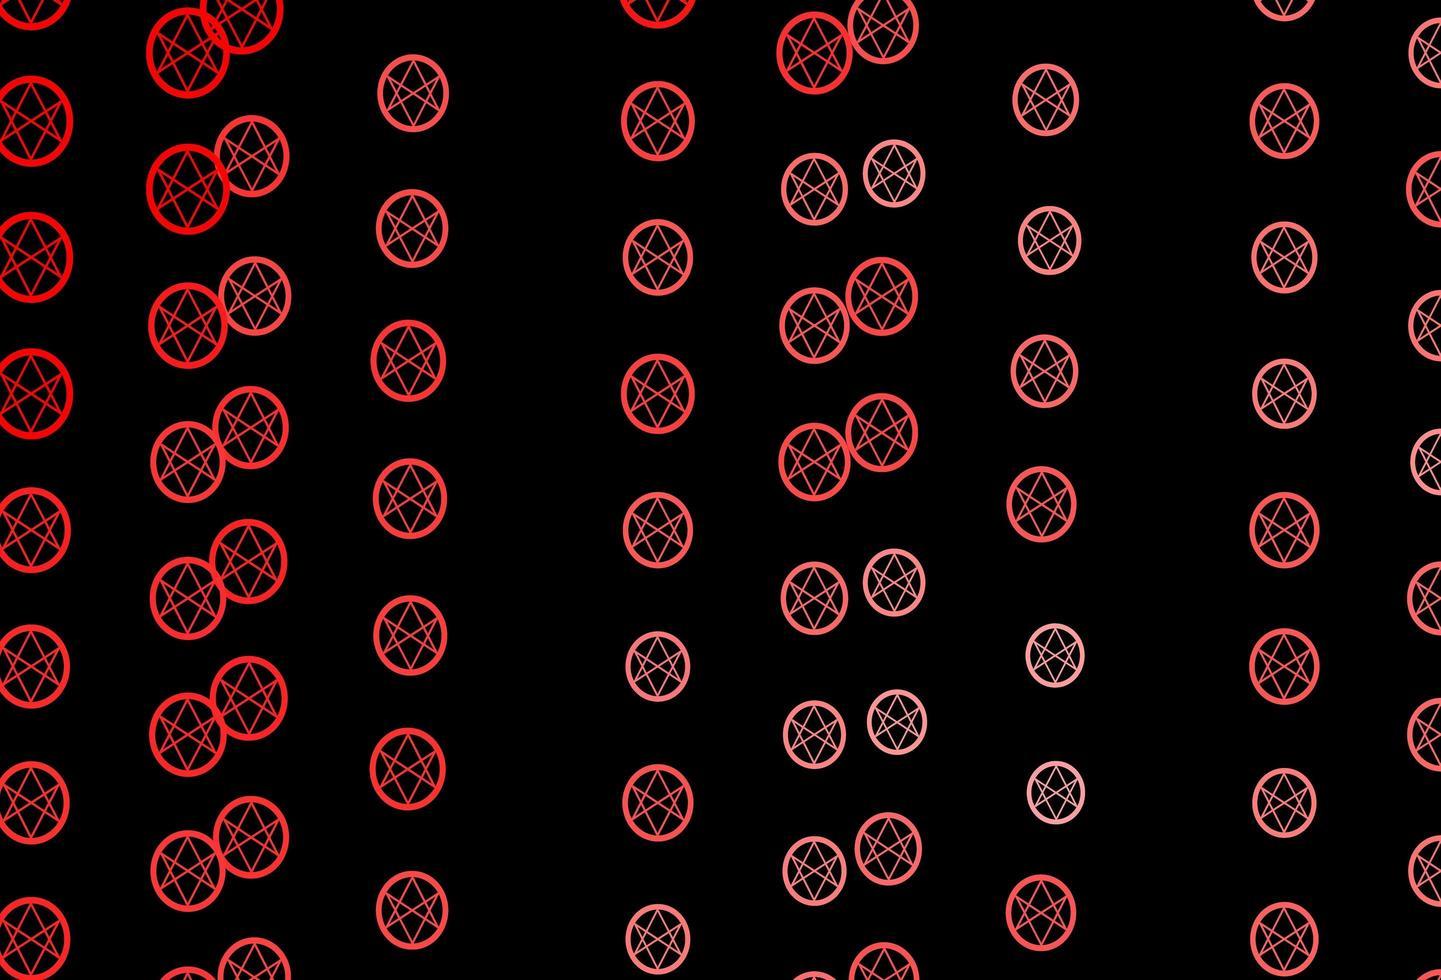 dunkelrote Vektorbeschaffenheit mit Religionssymbolen. vektor